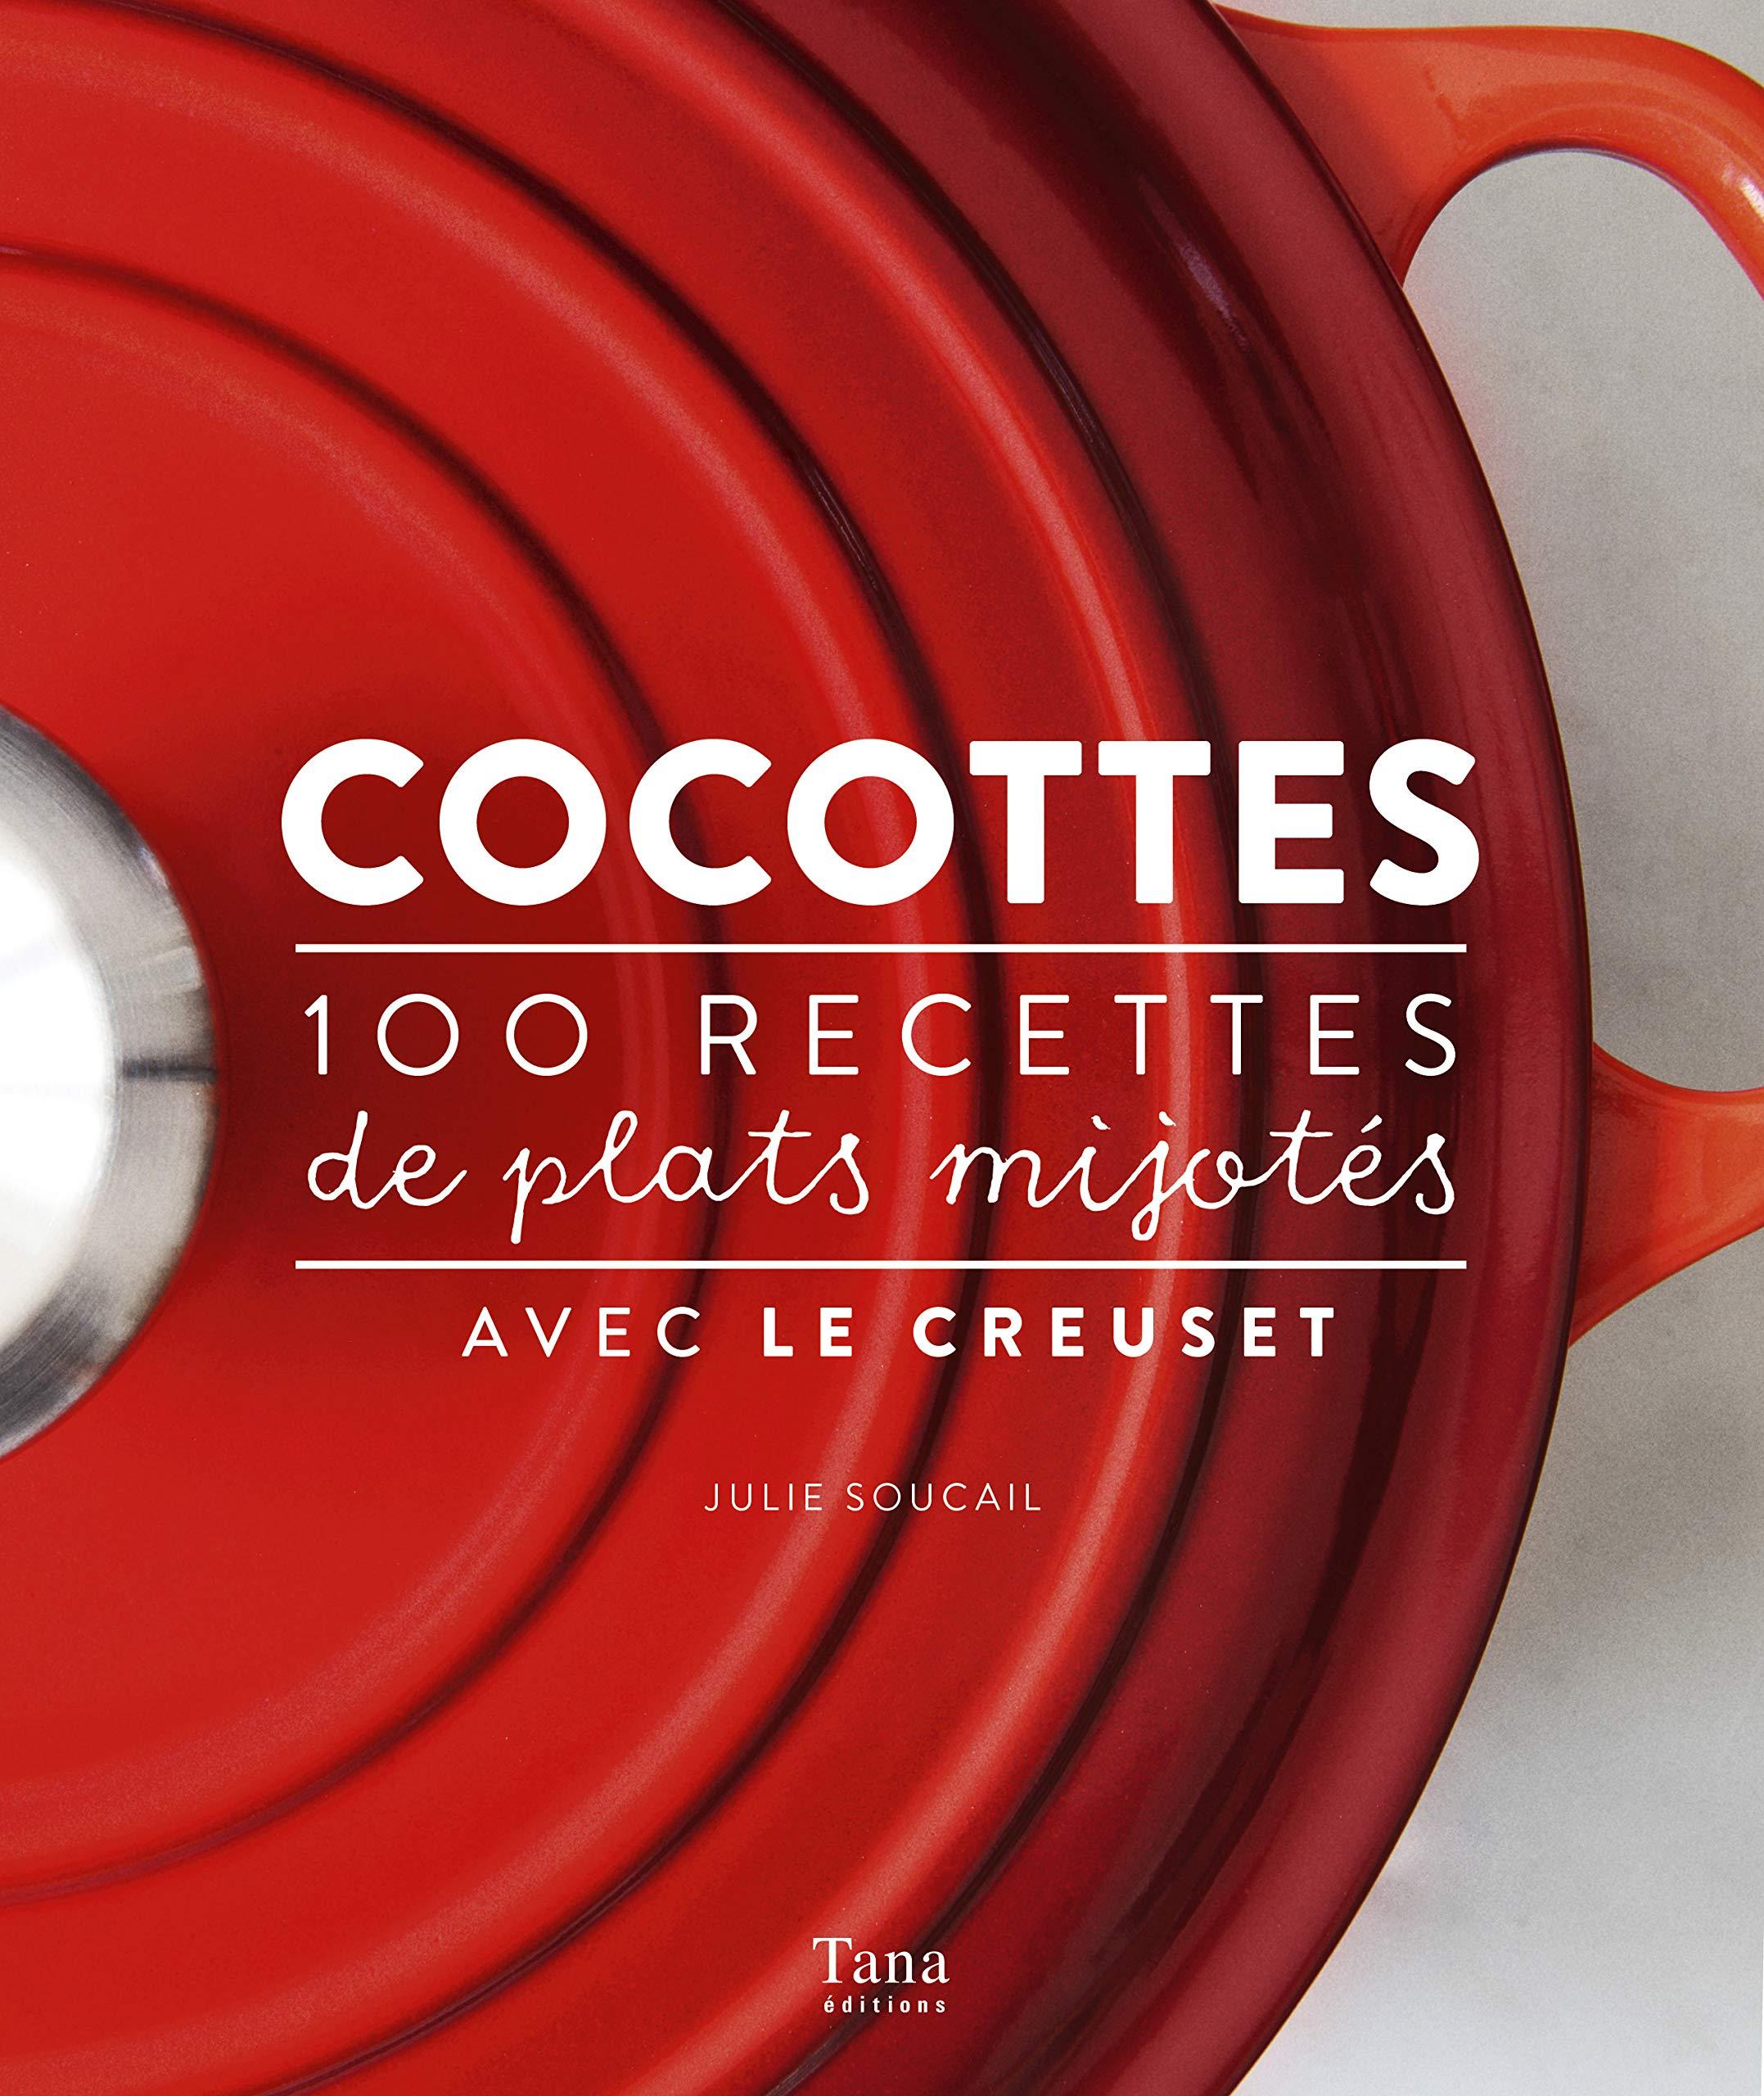 Amazon Fr Cocottes 100 Recettes De Plats Mijotes Avec Le Creuset Soucail Julie Livres